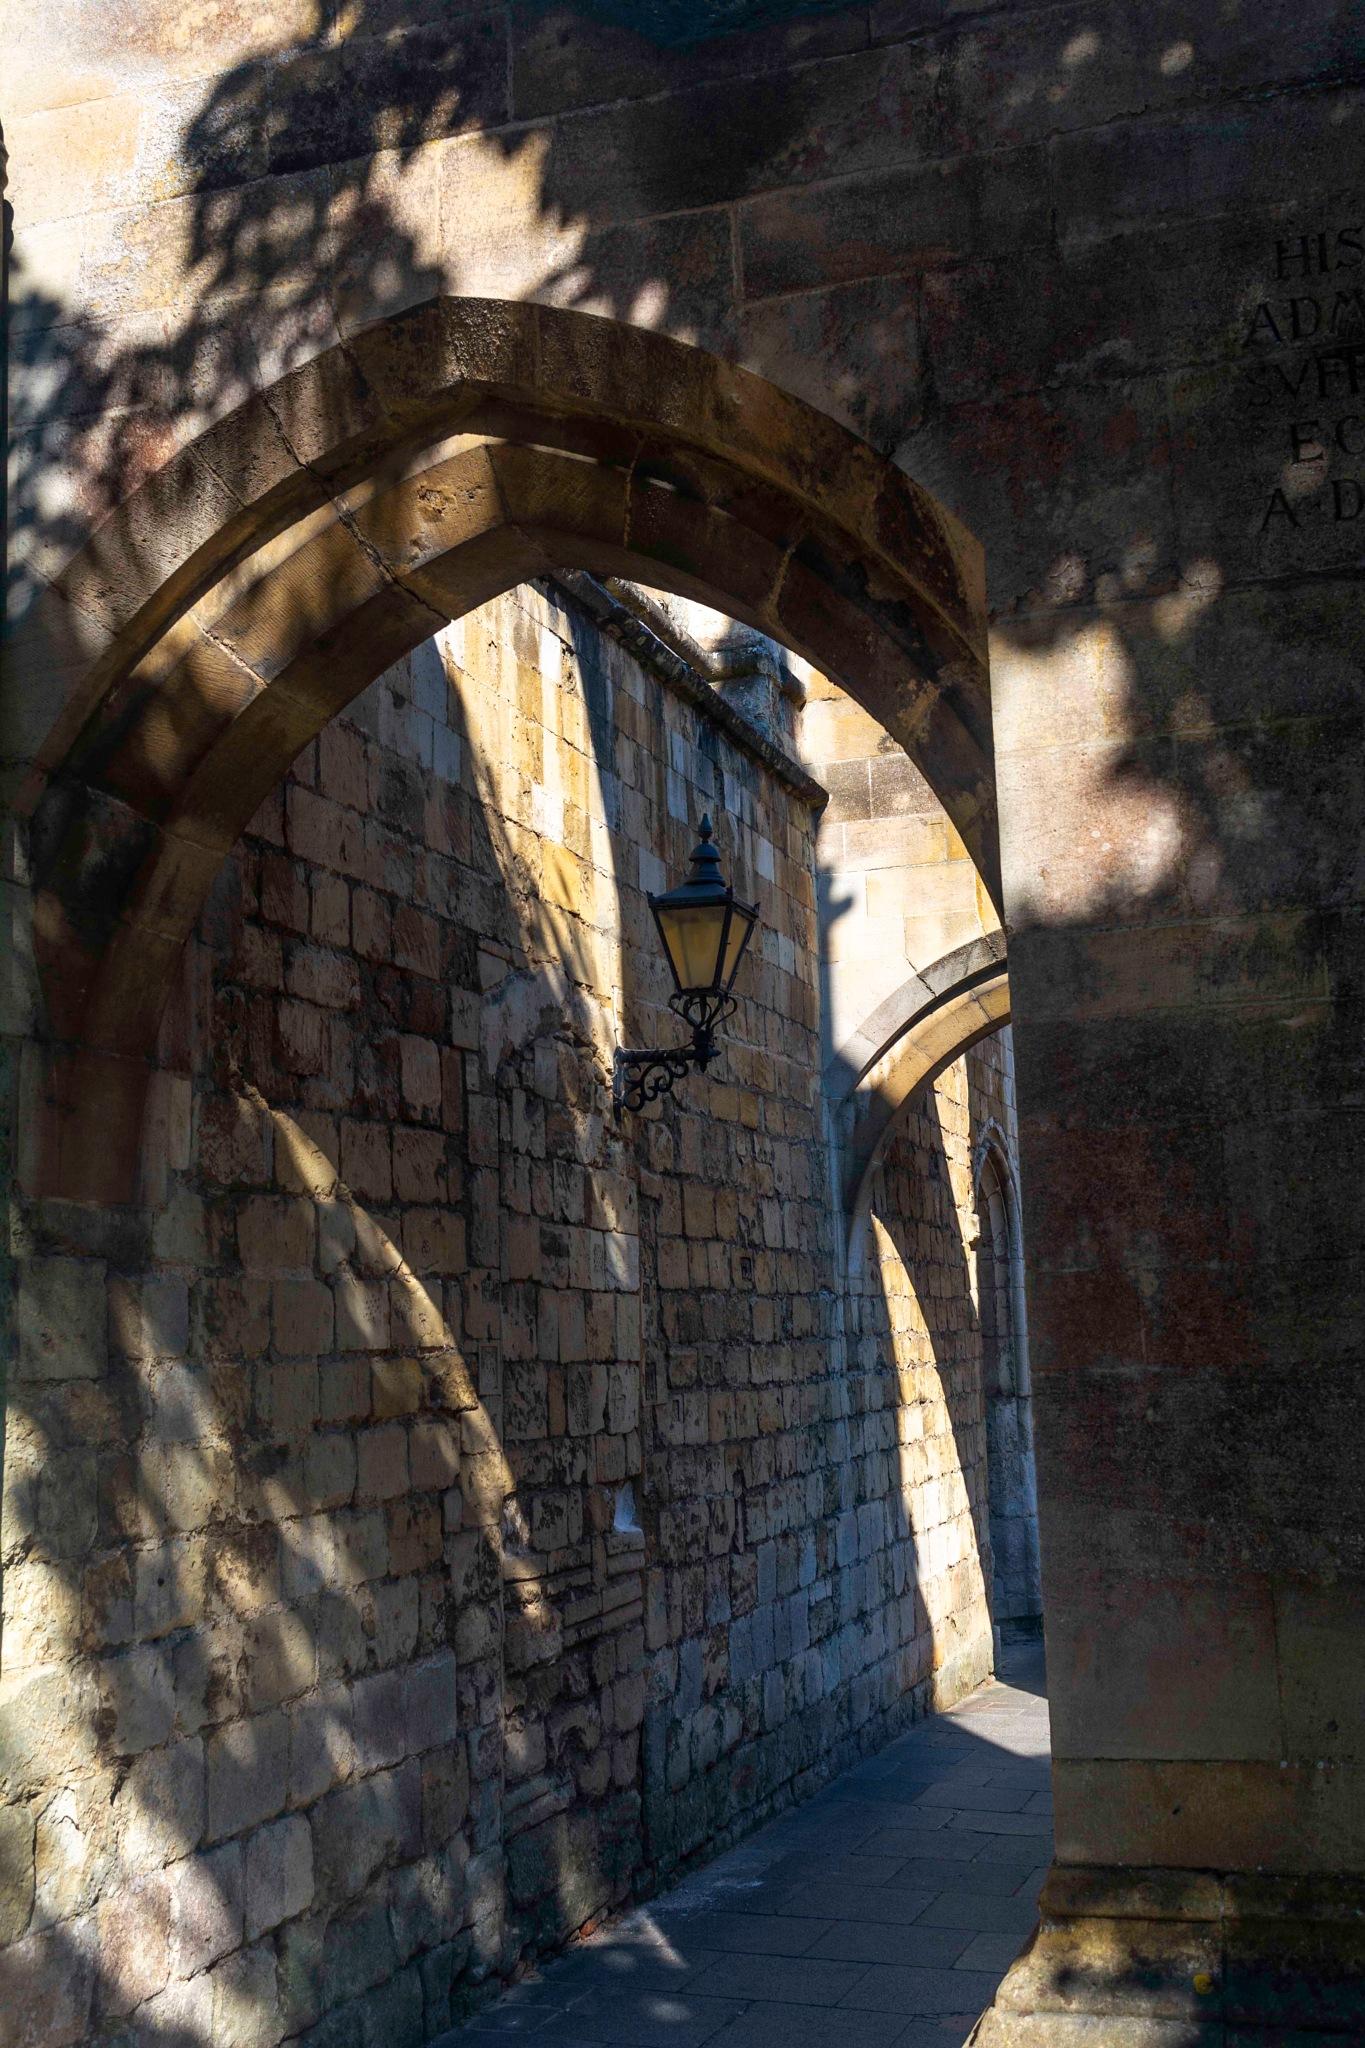 Arco y sombras by laprimerapalasatenea